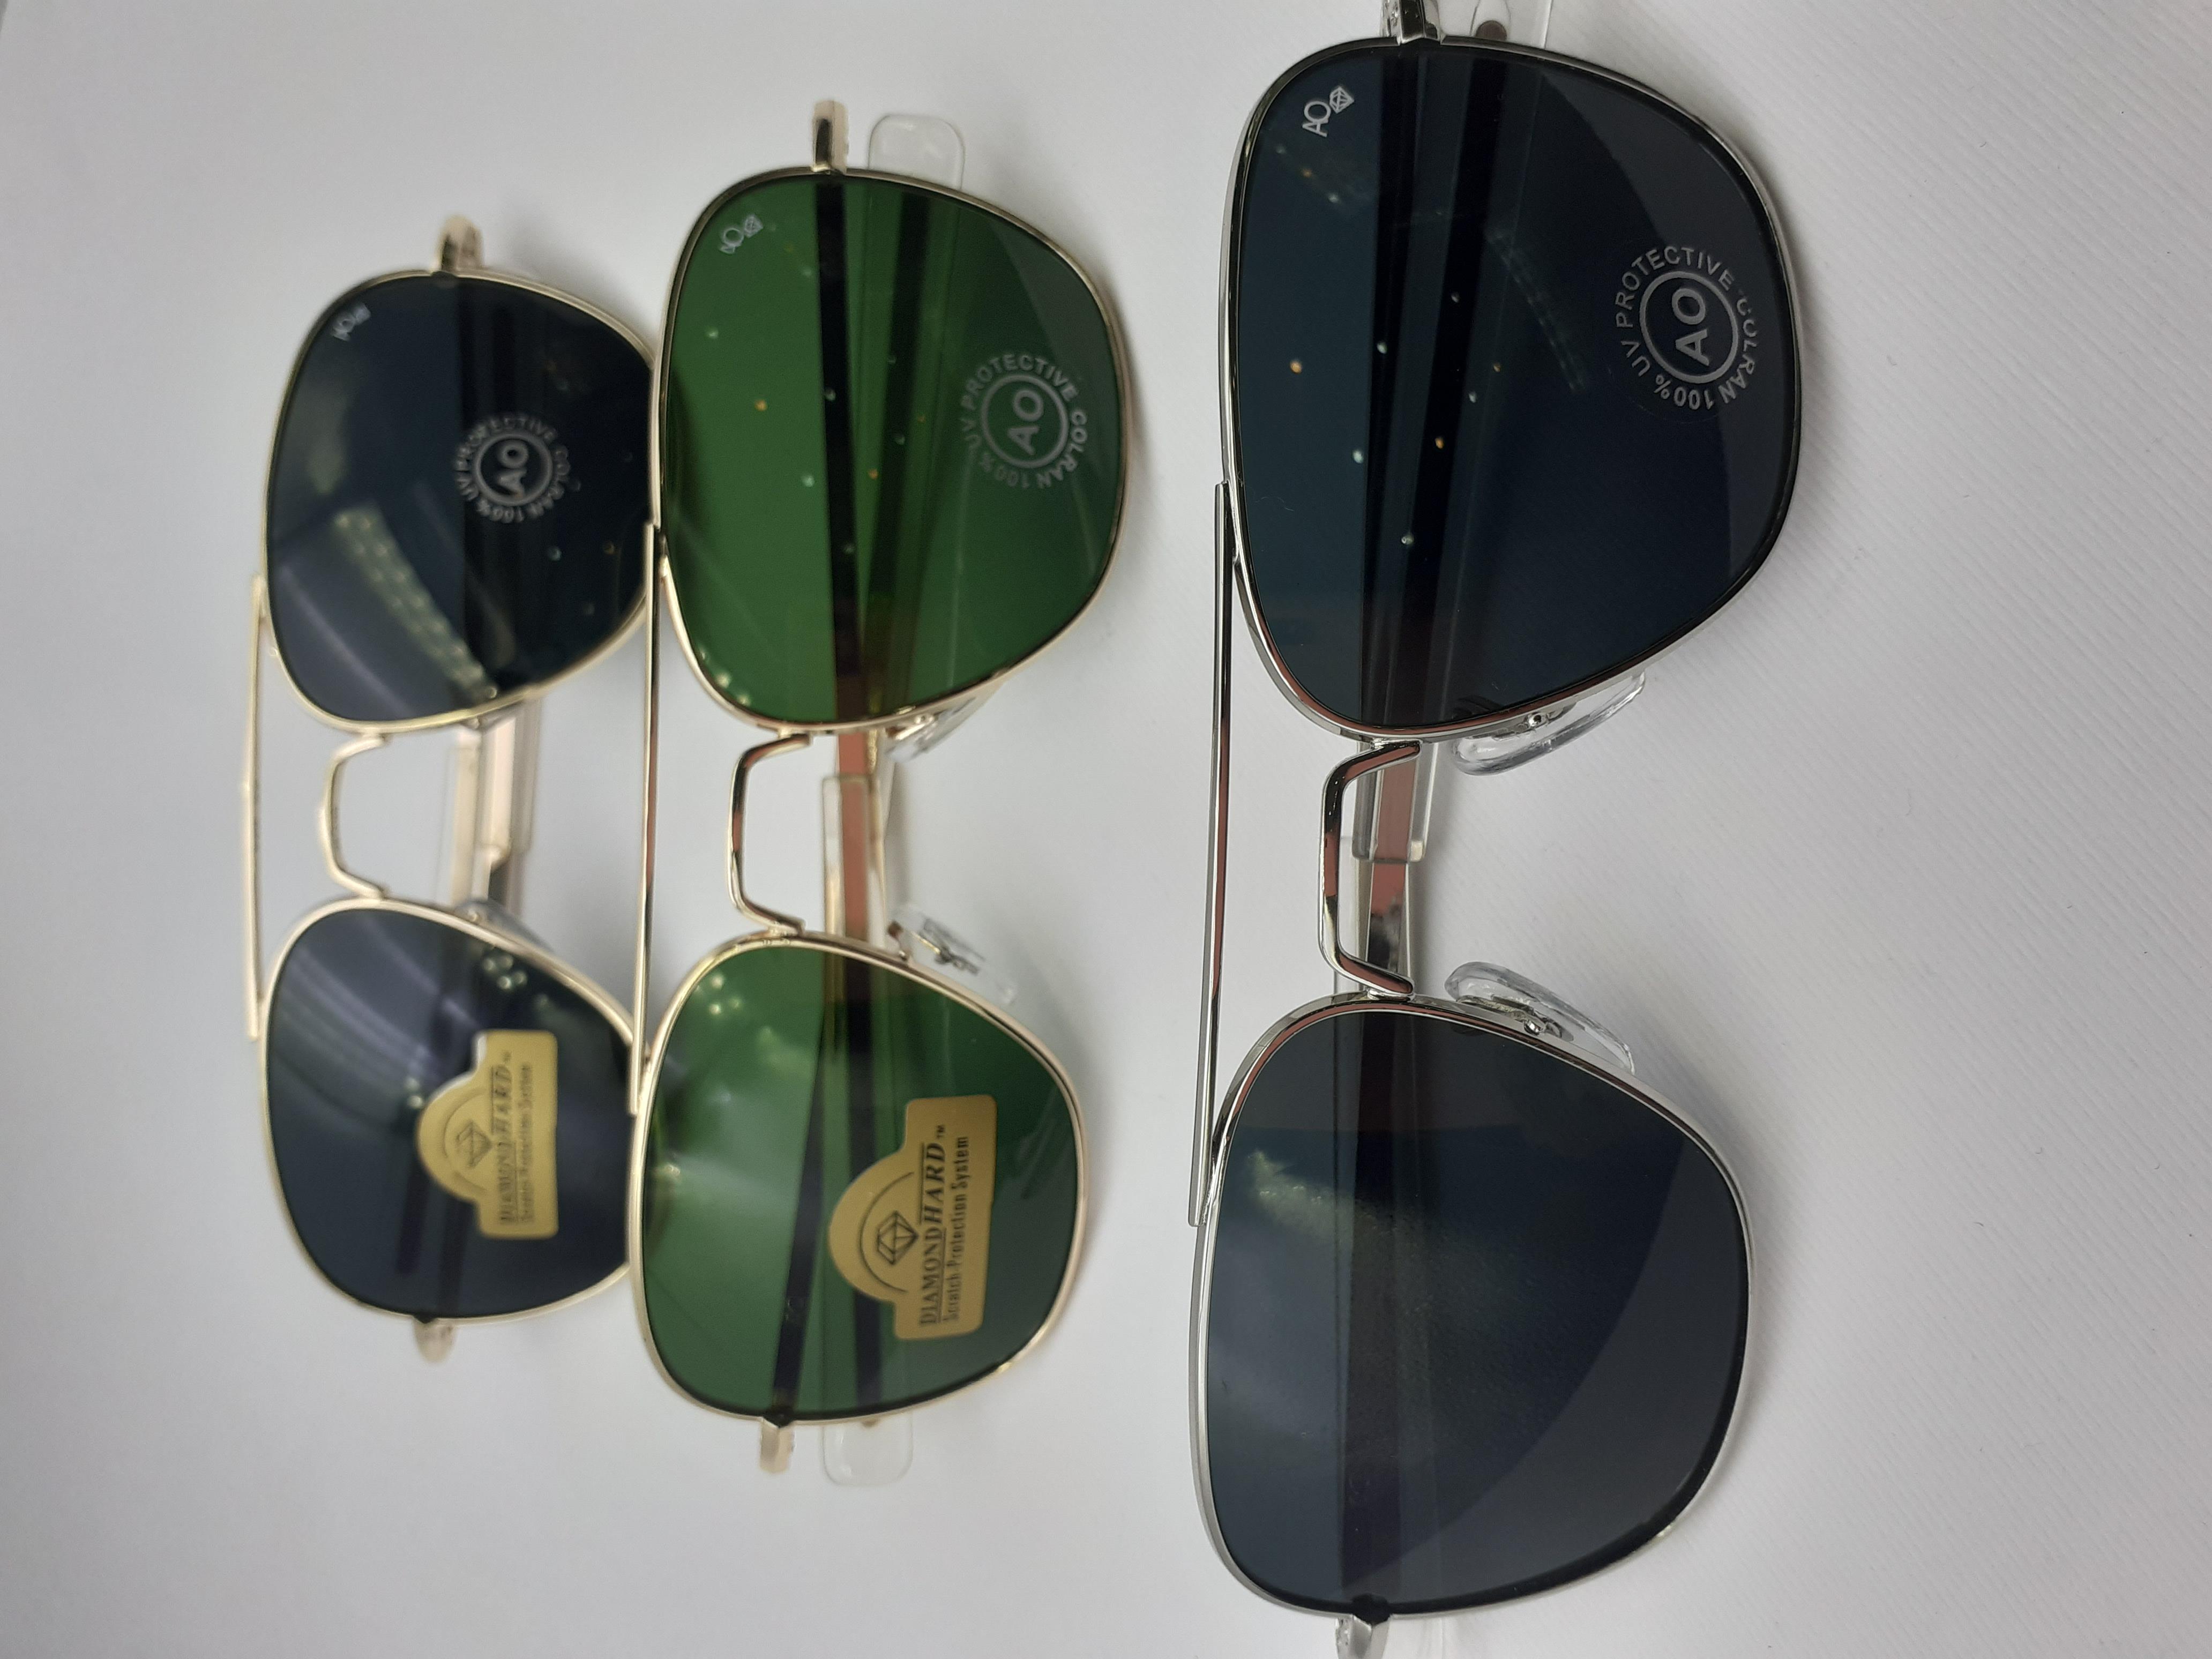 عینک آفتابی امریکن اپتیکال مدل اسکای مستر سایز ۵۶